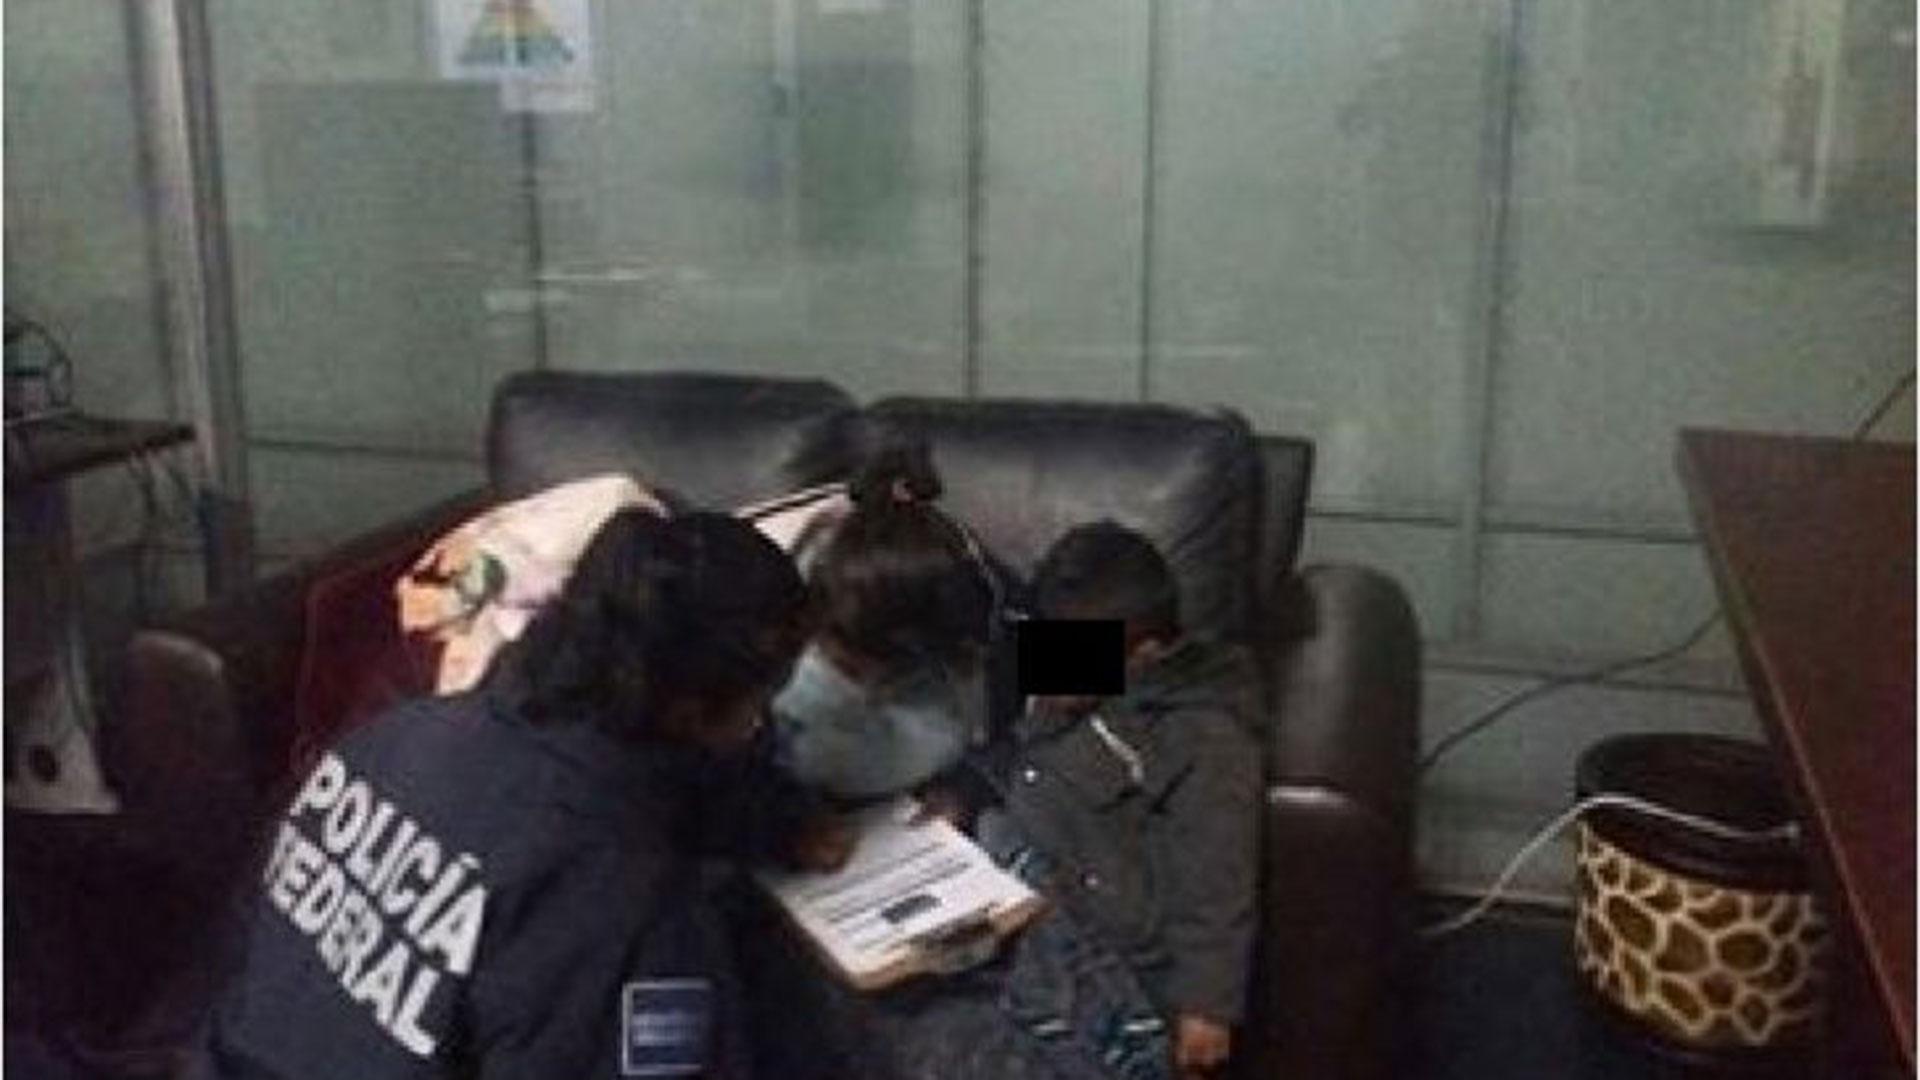 Una psicóloga brindó apoyo al niño raptado, quien fue hallado ileso.